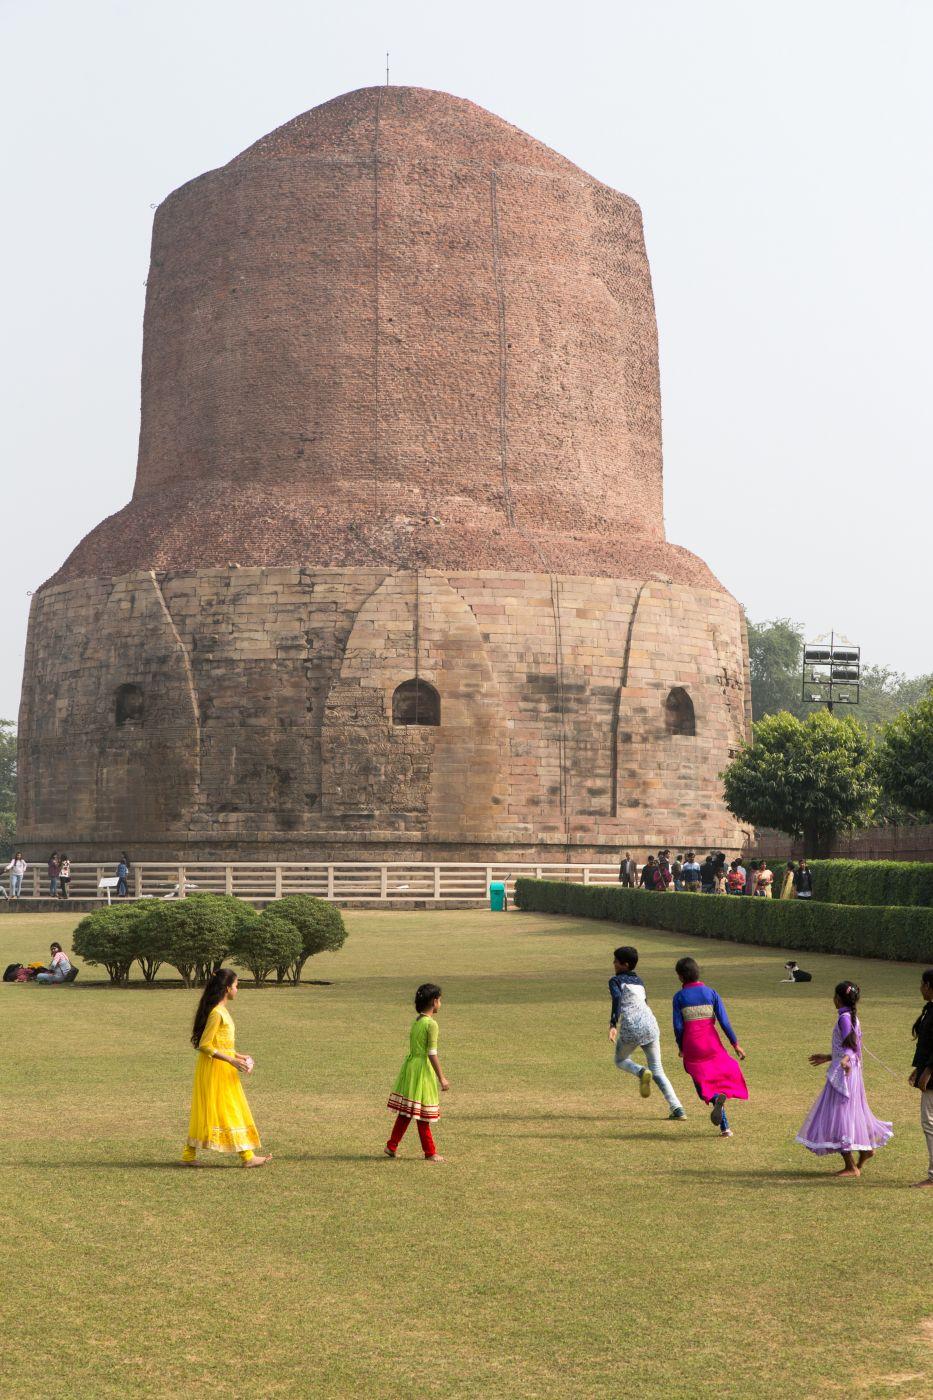 Ruins at Sarnath, India